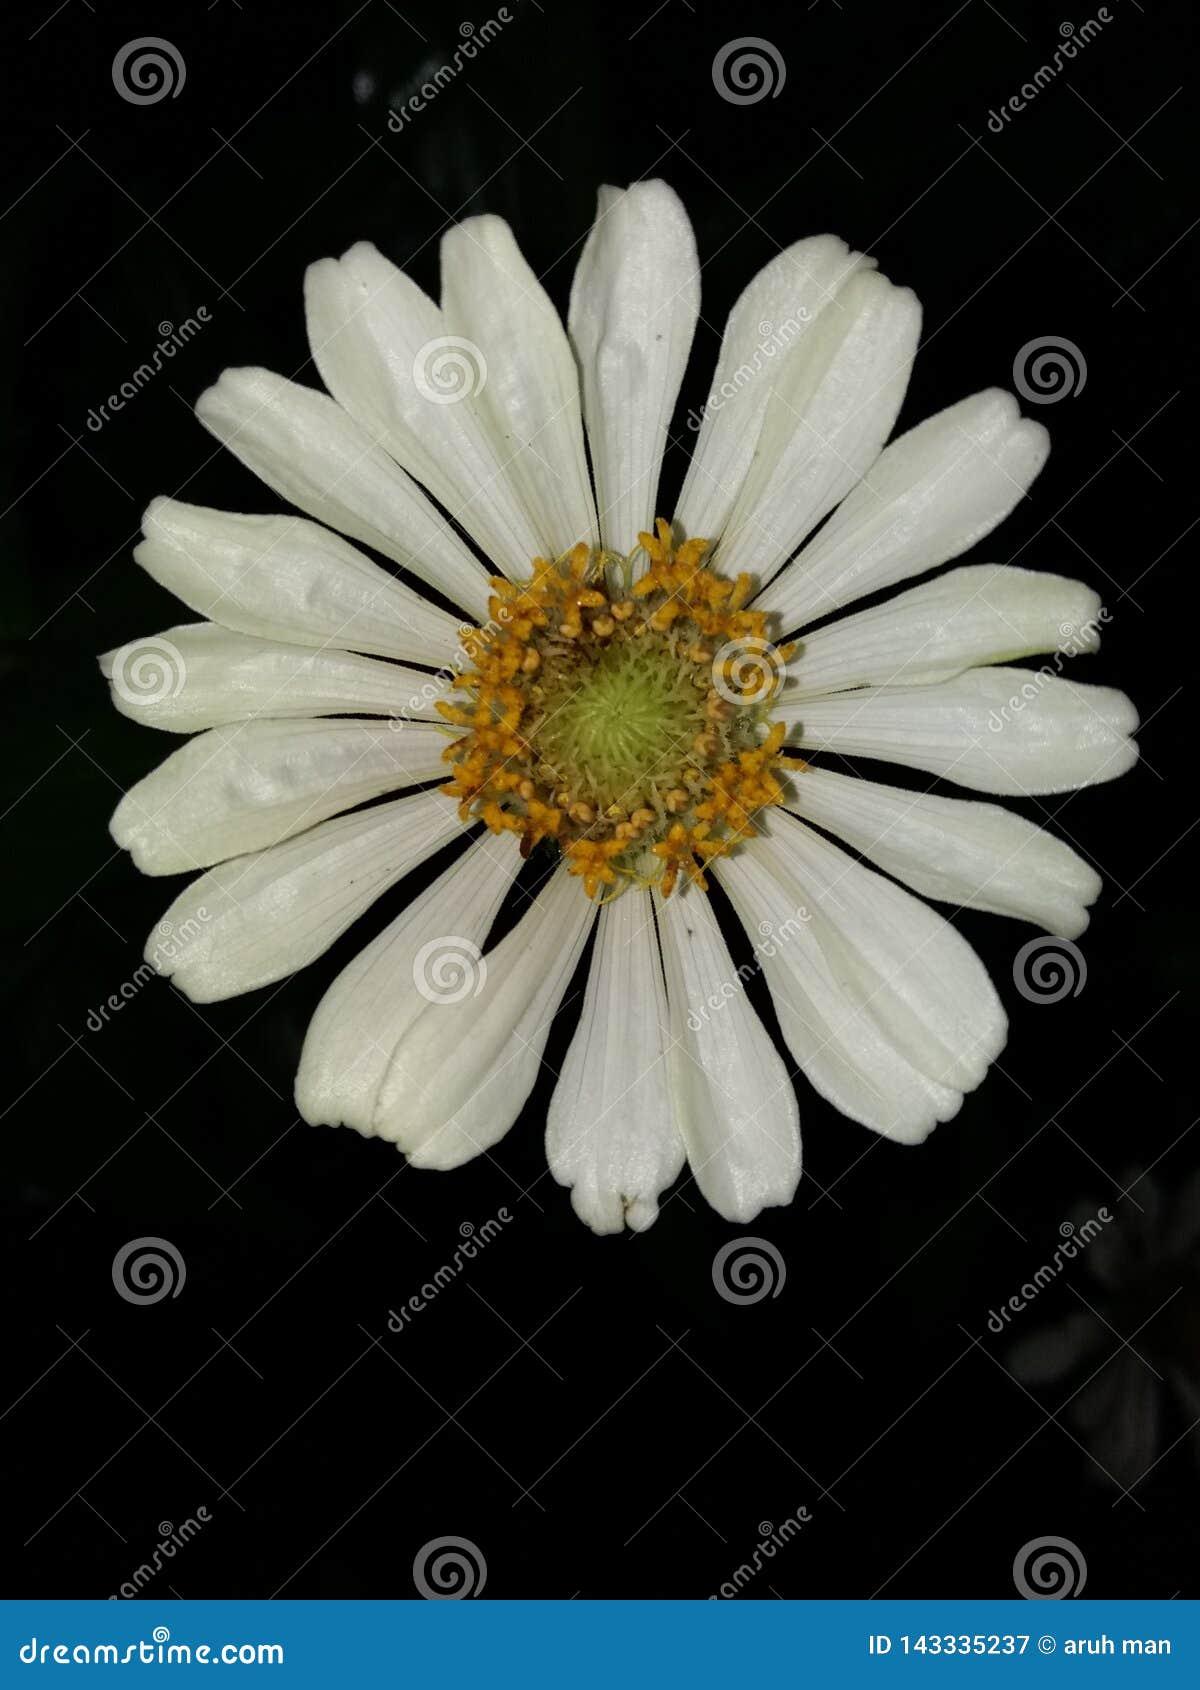 Flower flowers white color flower